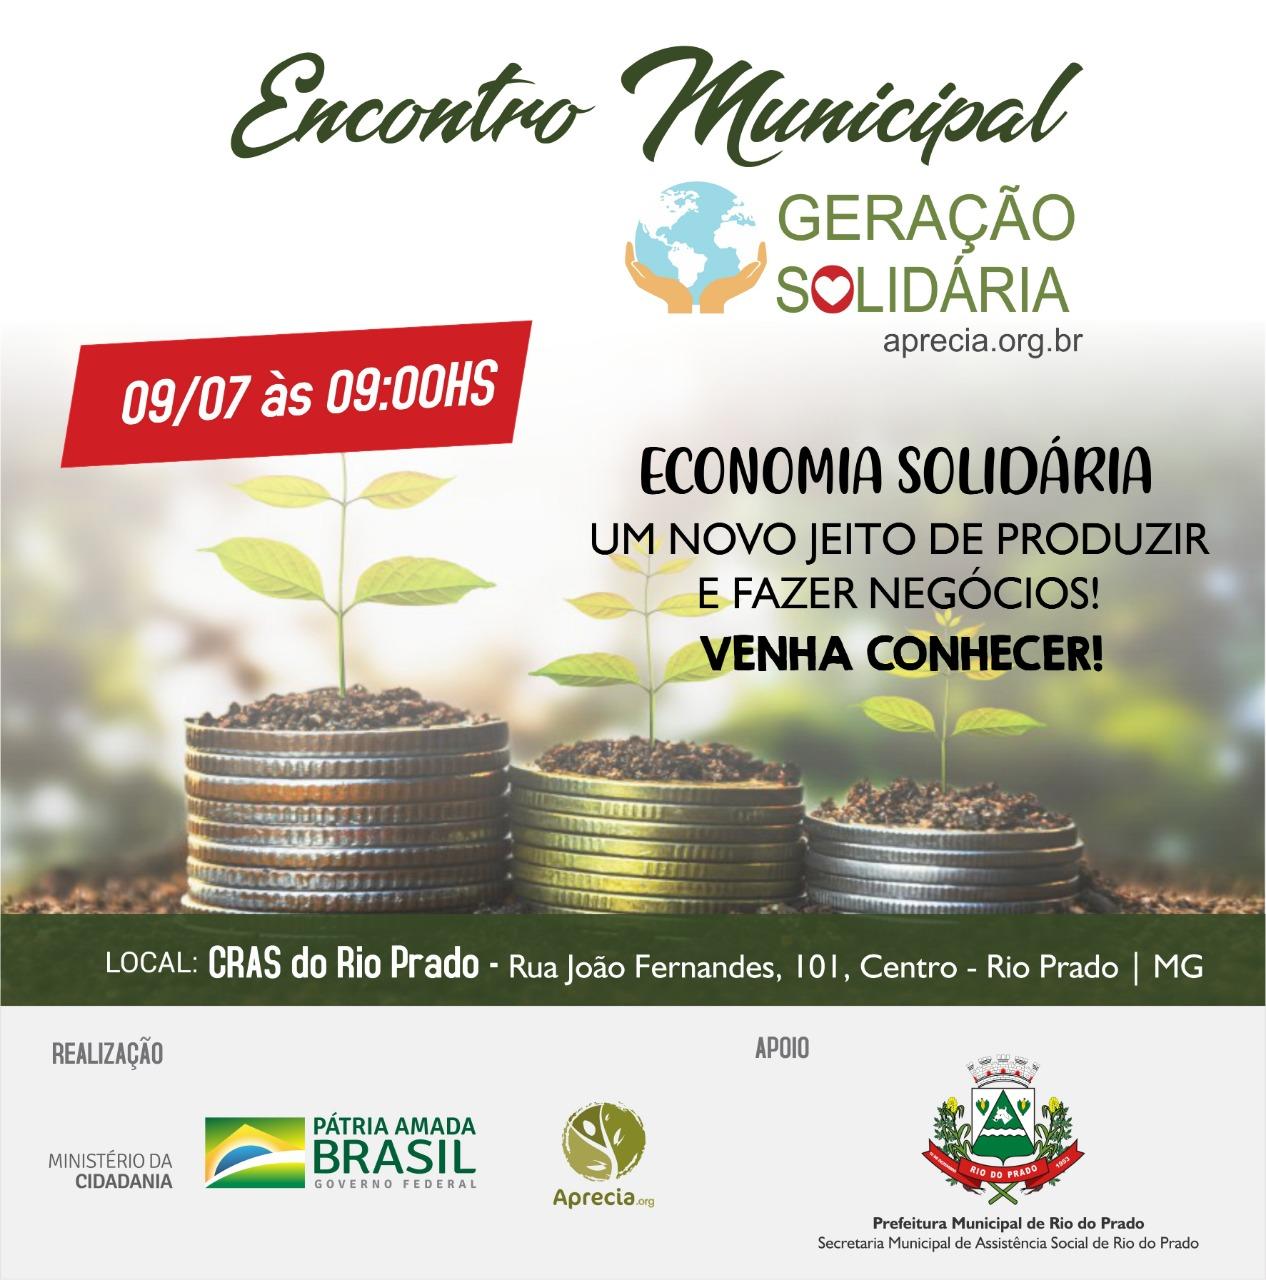 ENCONTRO MUNICIPAL GERAÇÃO SOLIDÁRIA